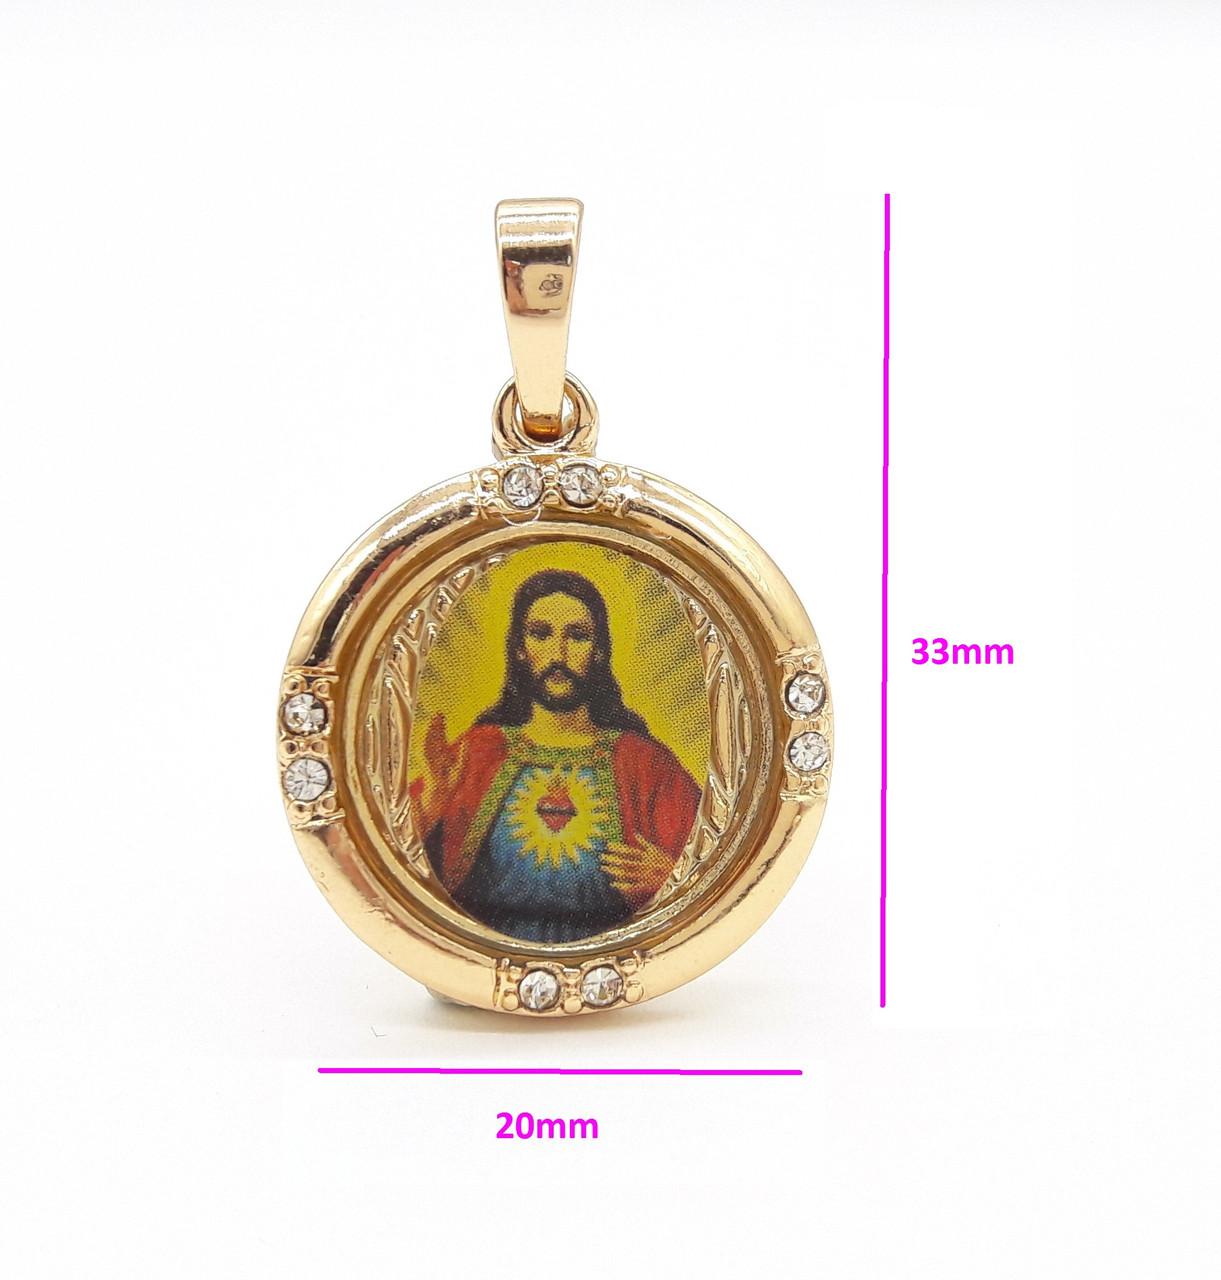 Ладанка Христос с камнями циркония, позолоченная